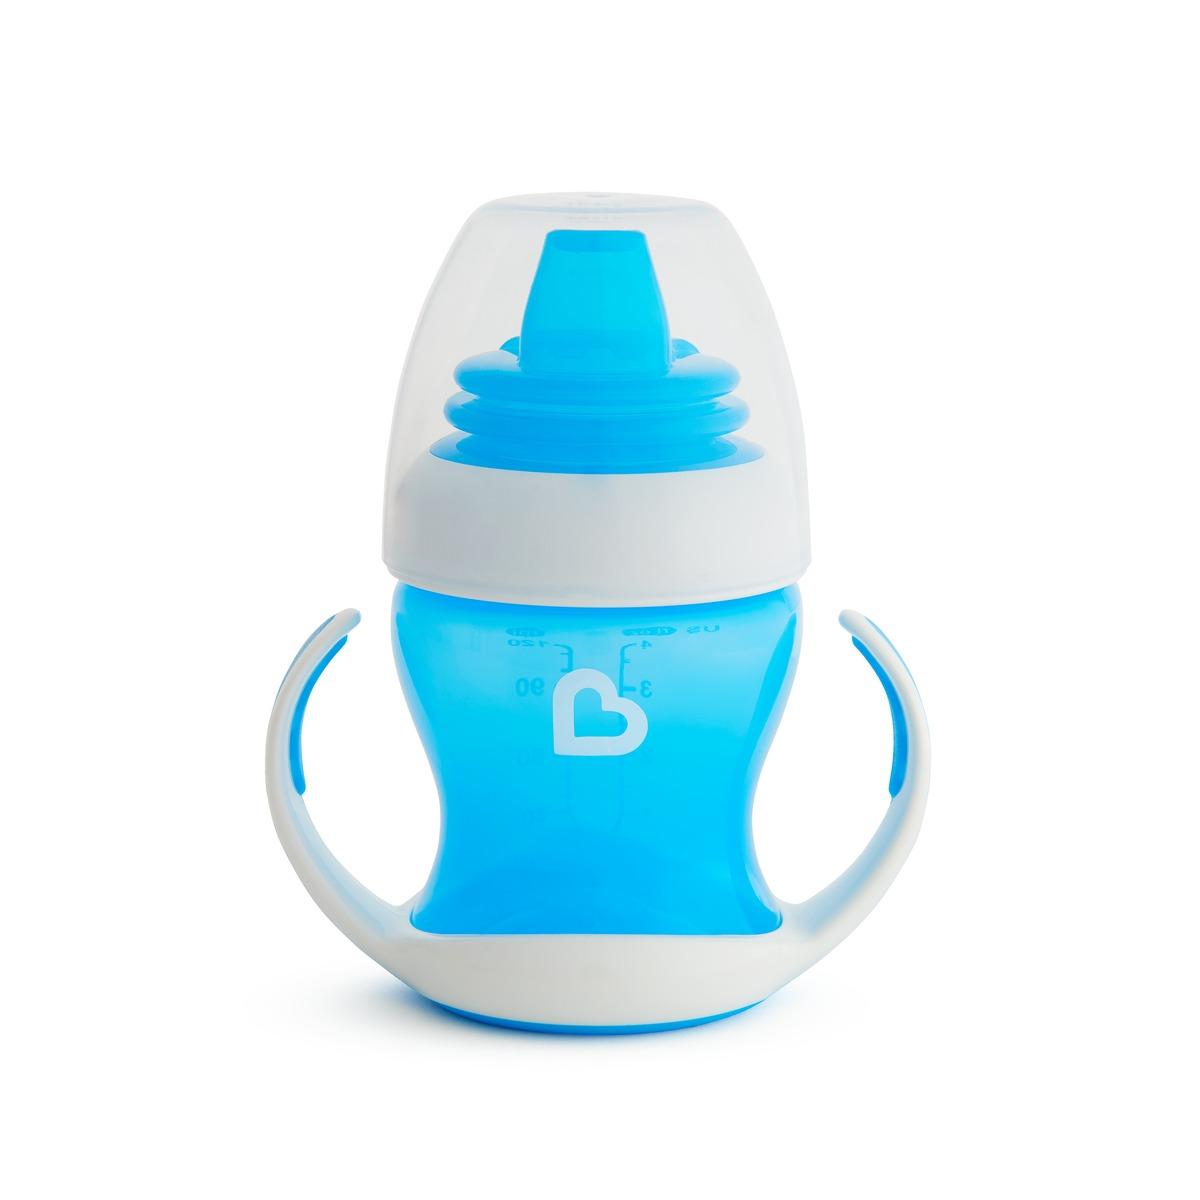 Gentle first cup 120ml - Munchkin - Μπλε